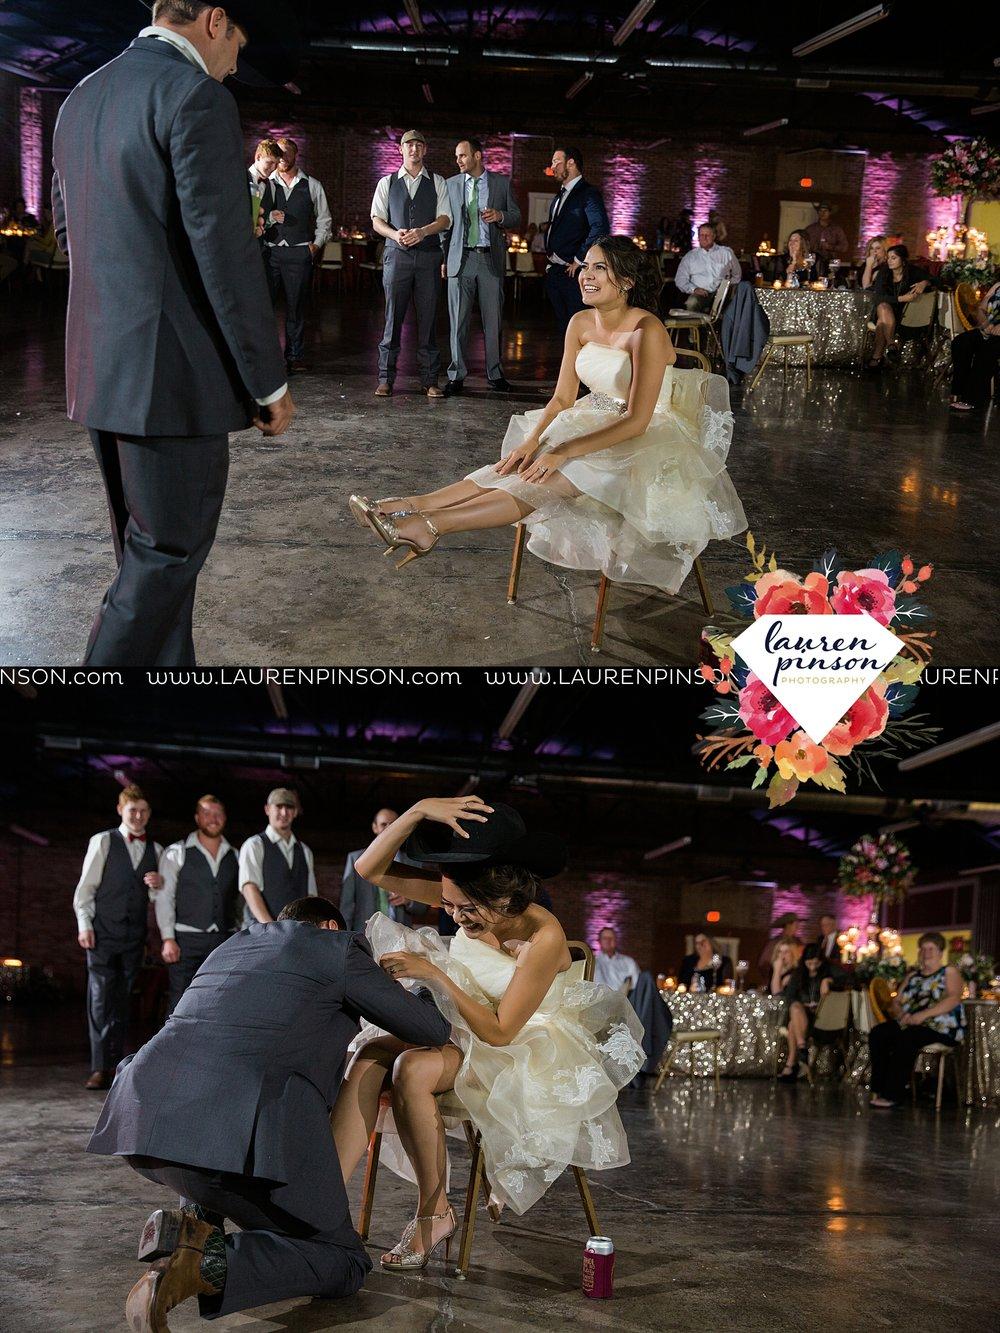 windthorst-texas-wedding-photography-at-st-marys-catholic-church-the-stone-palace-mayfield-events-lauren-pinson-texas-wedding-photographer_3722.jpg